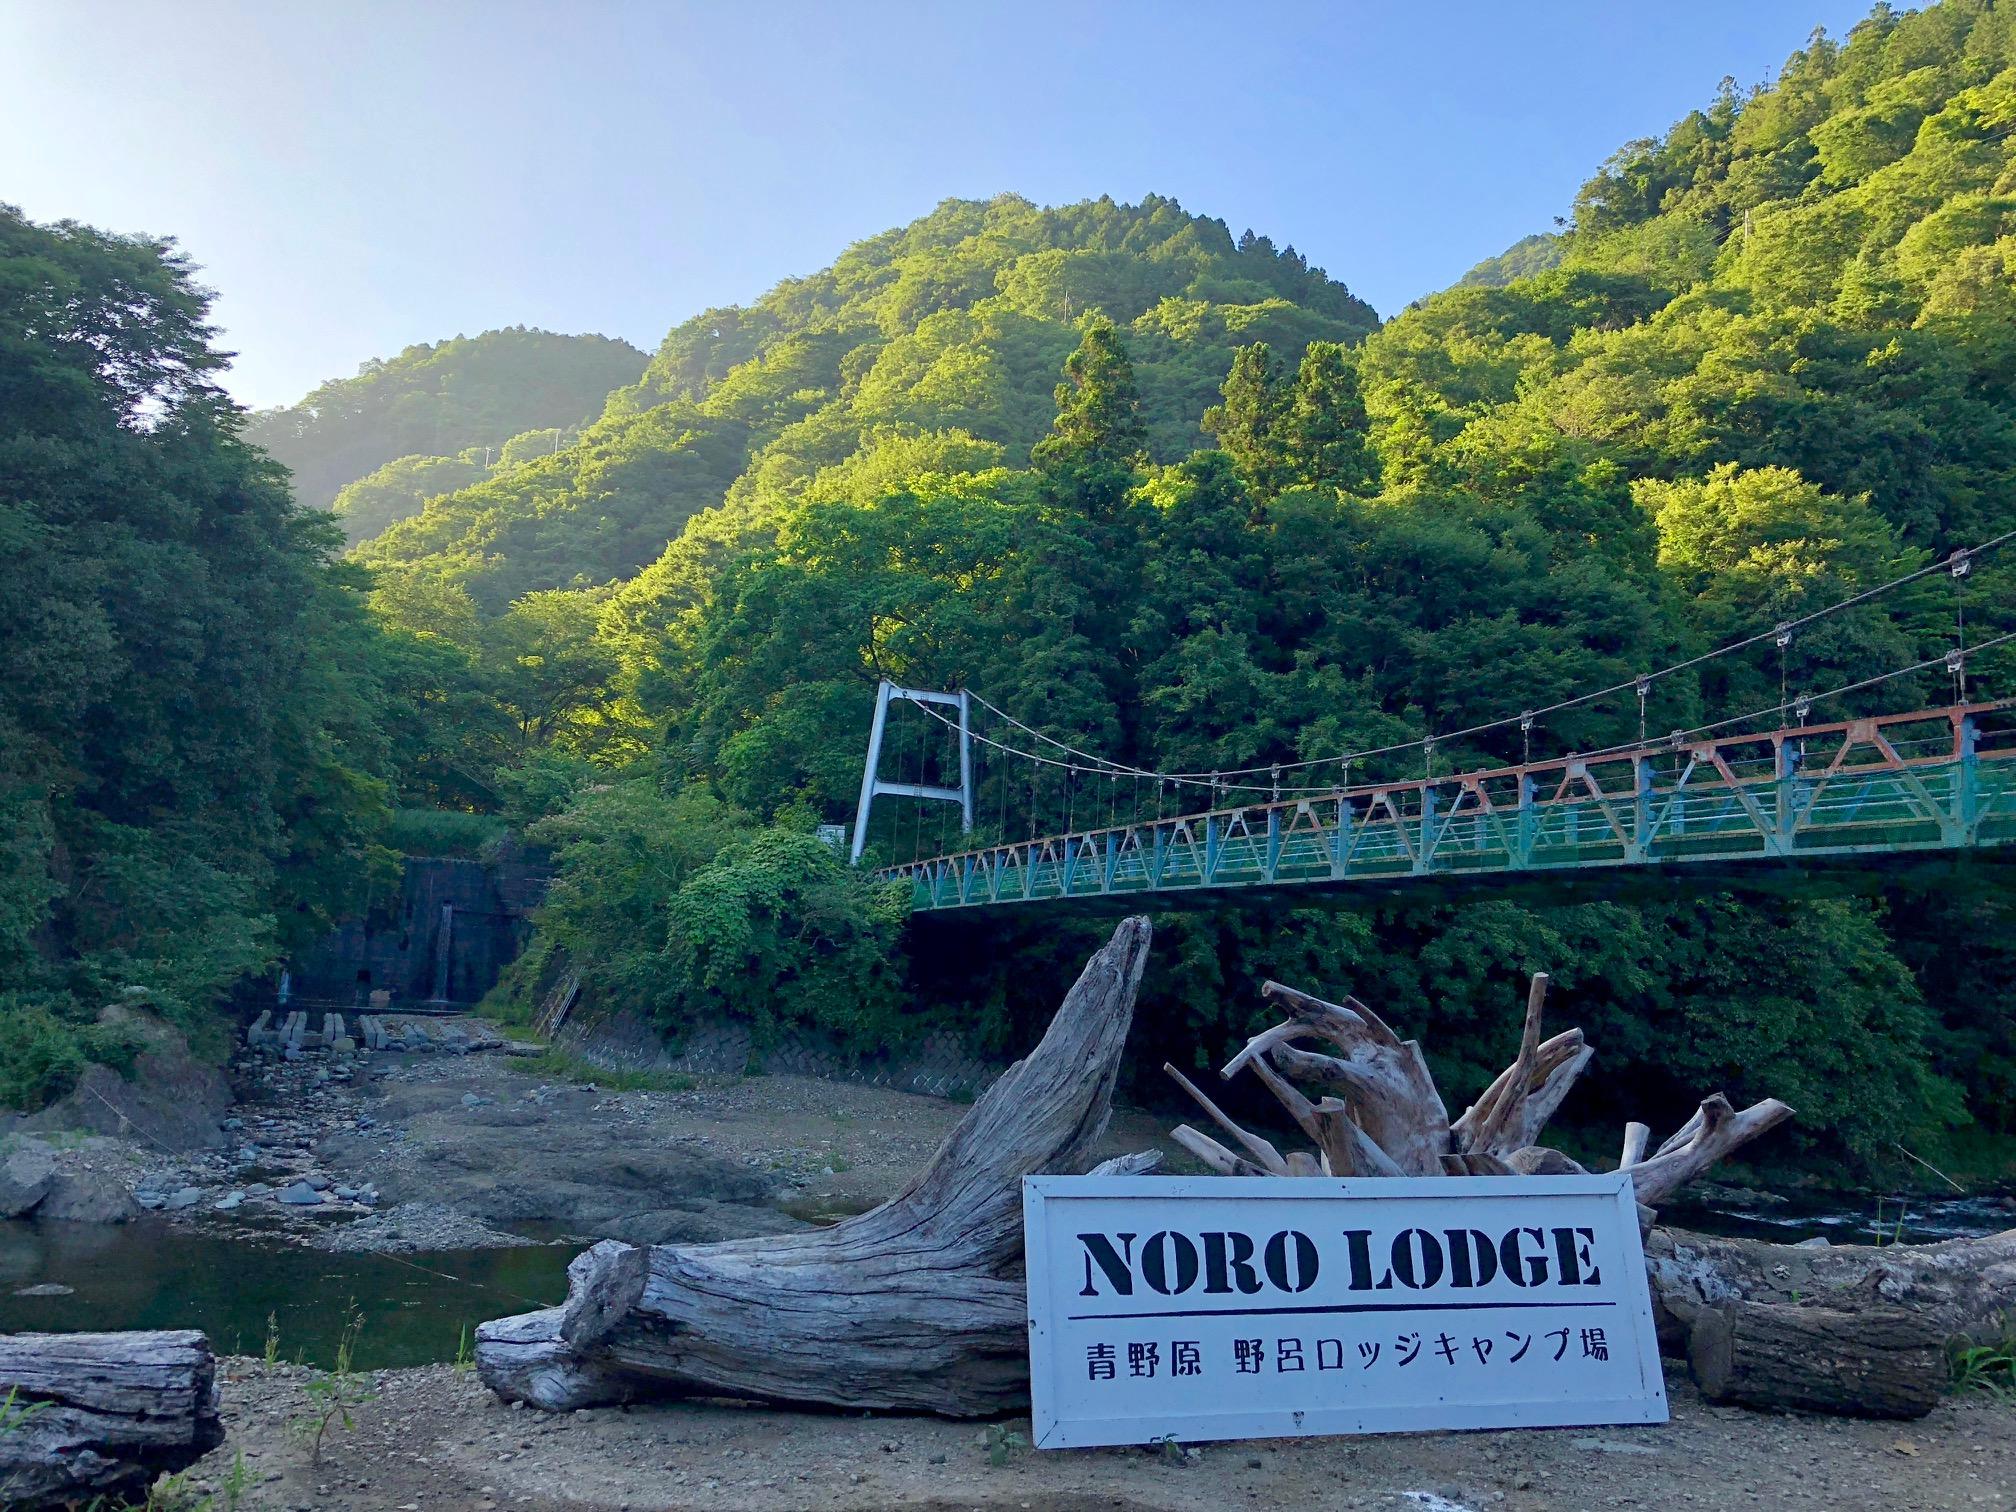 青 野原 野呂 ロッジ キャンプ 場